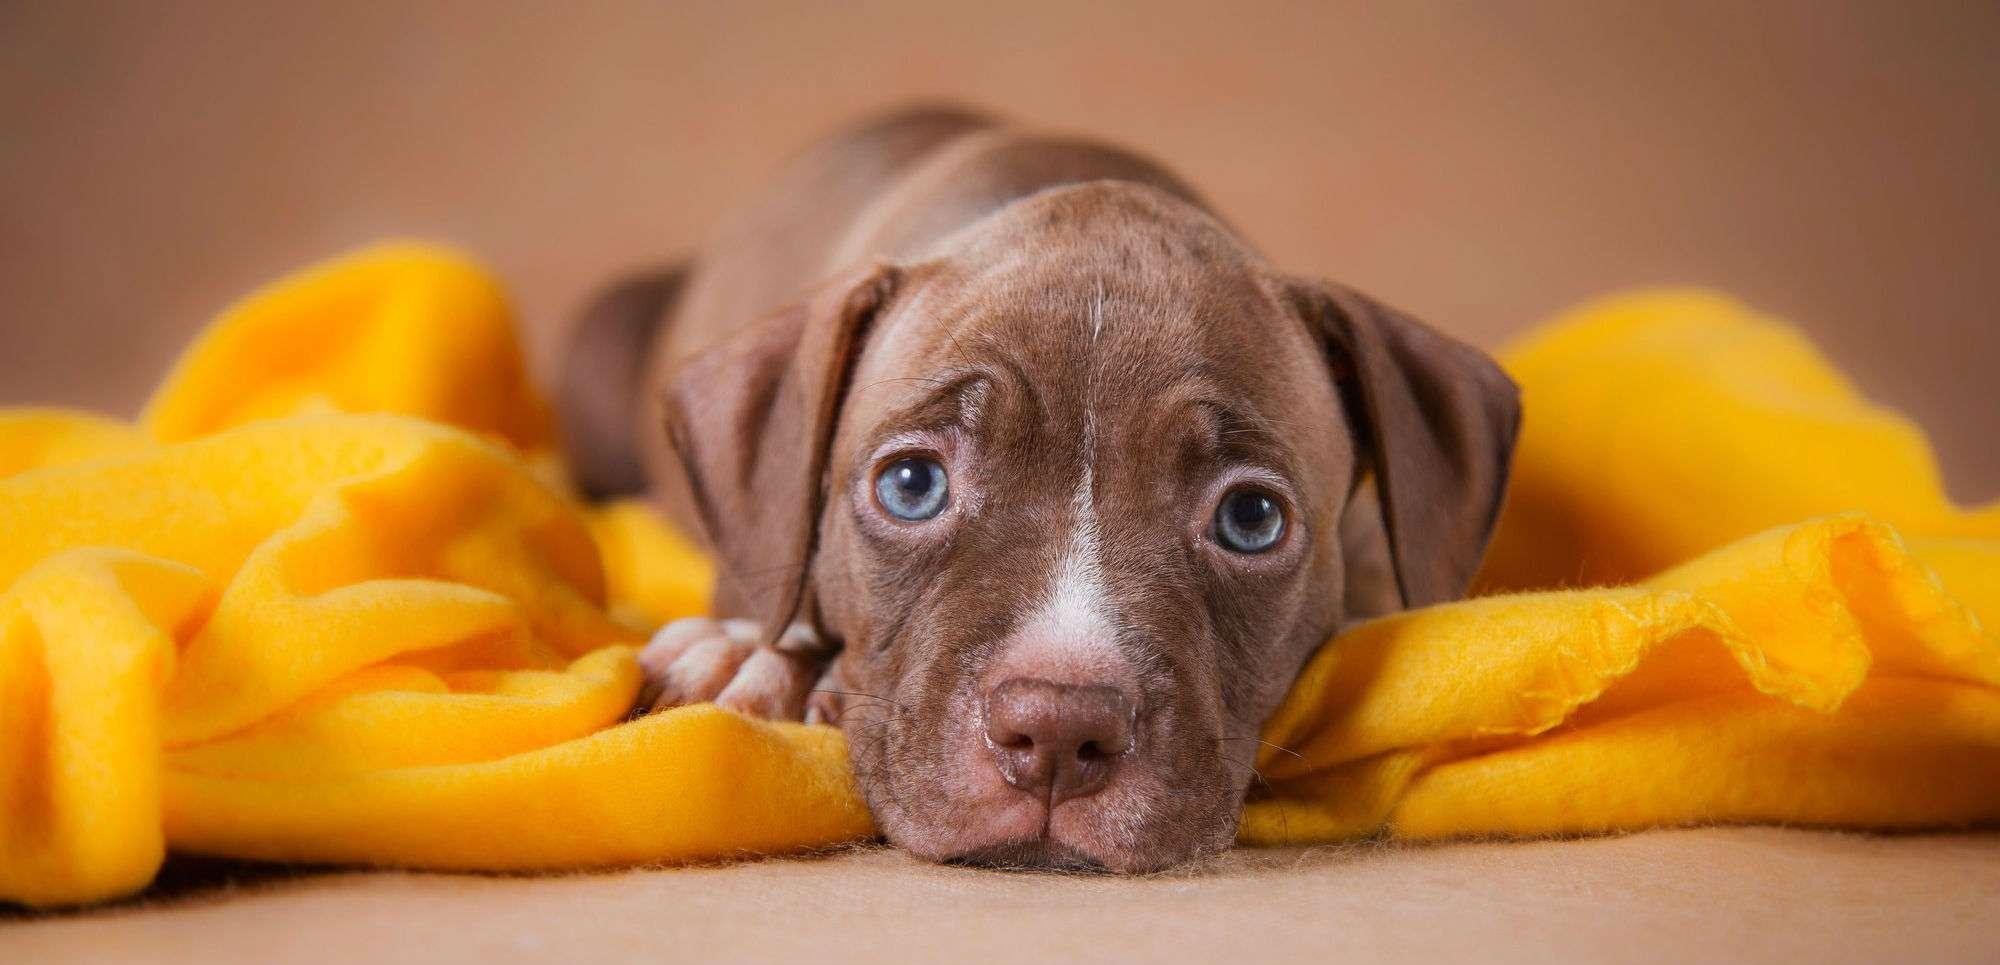 best dog food for pit bulls